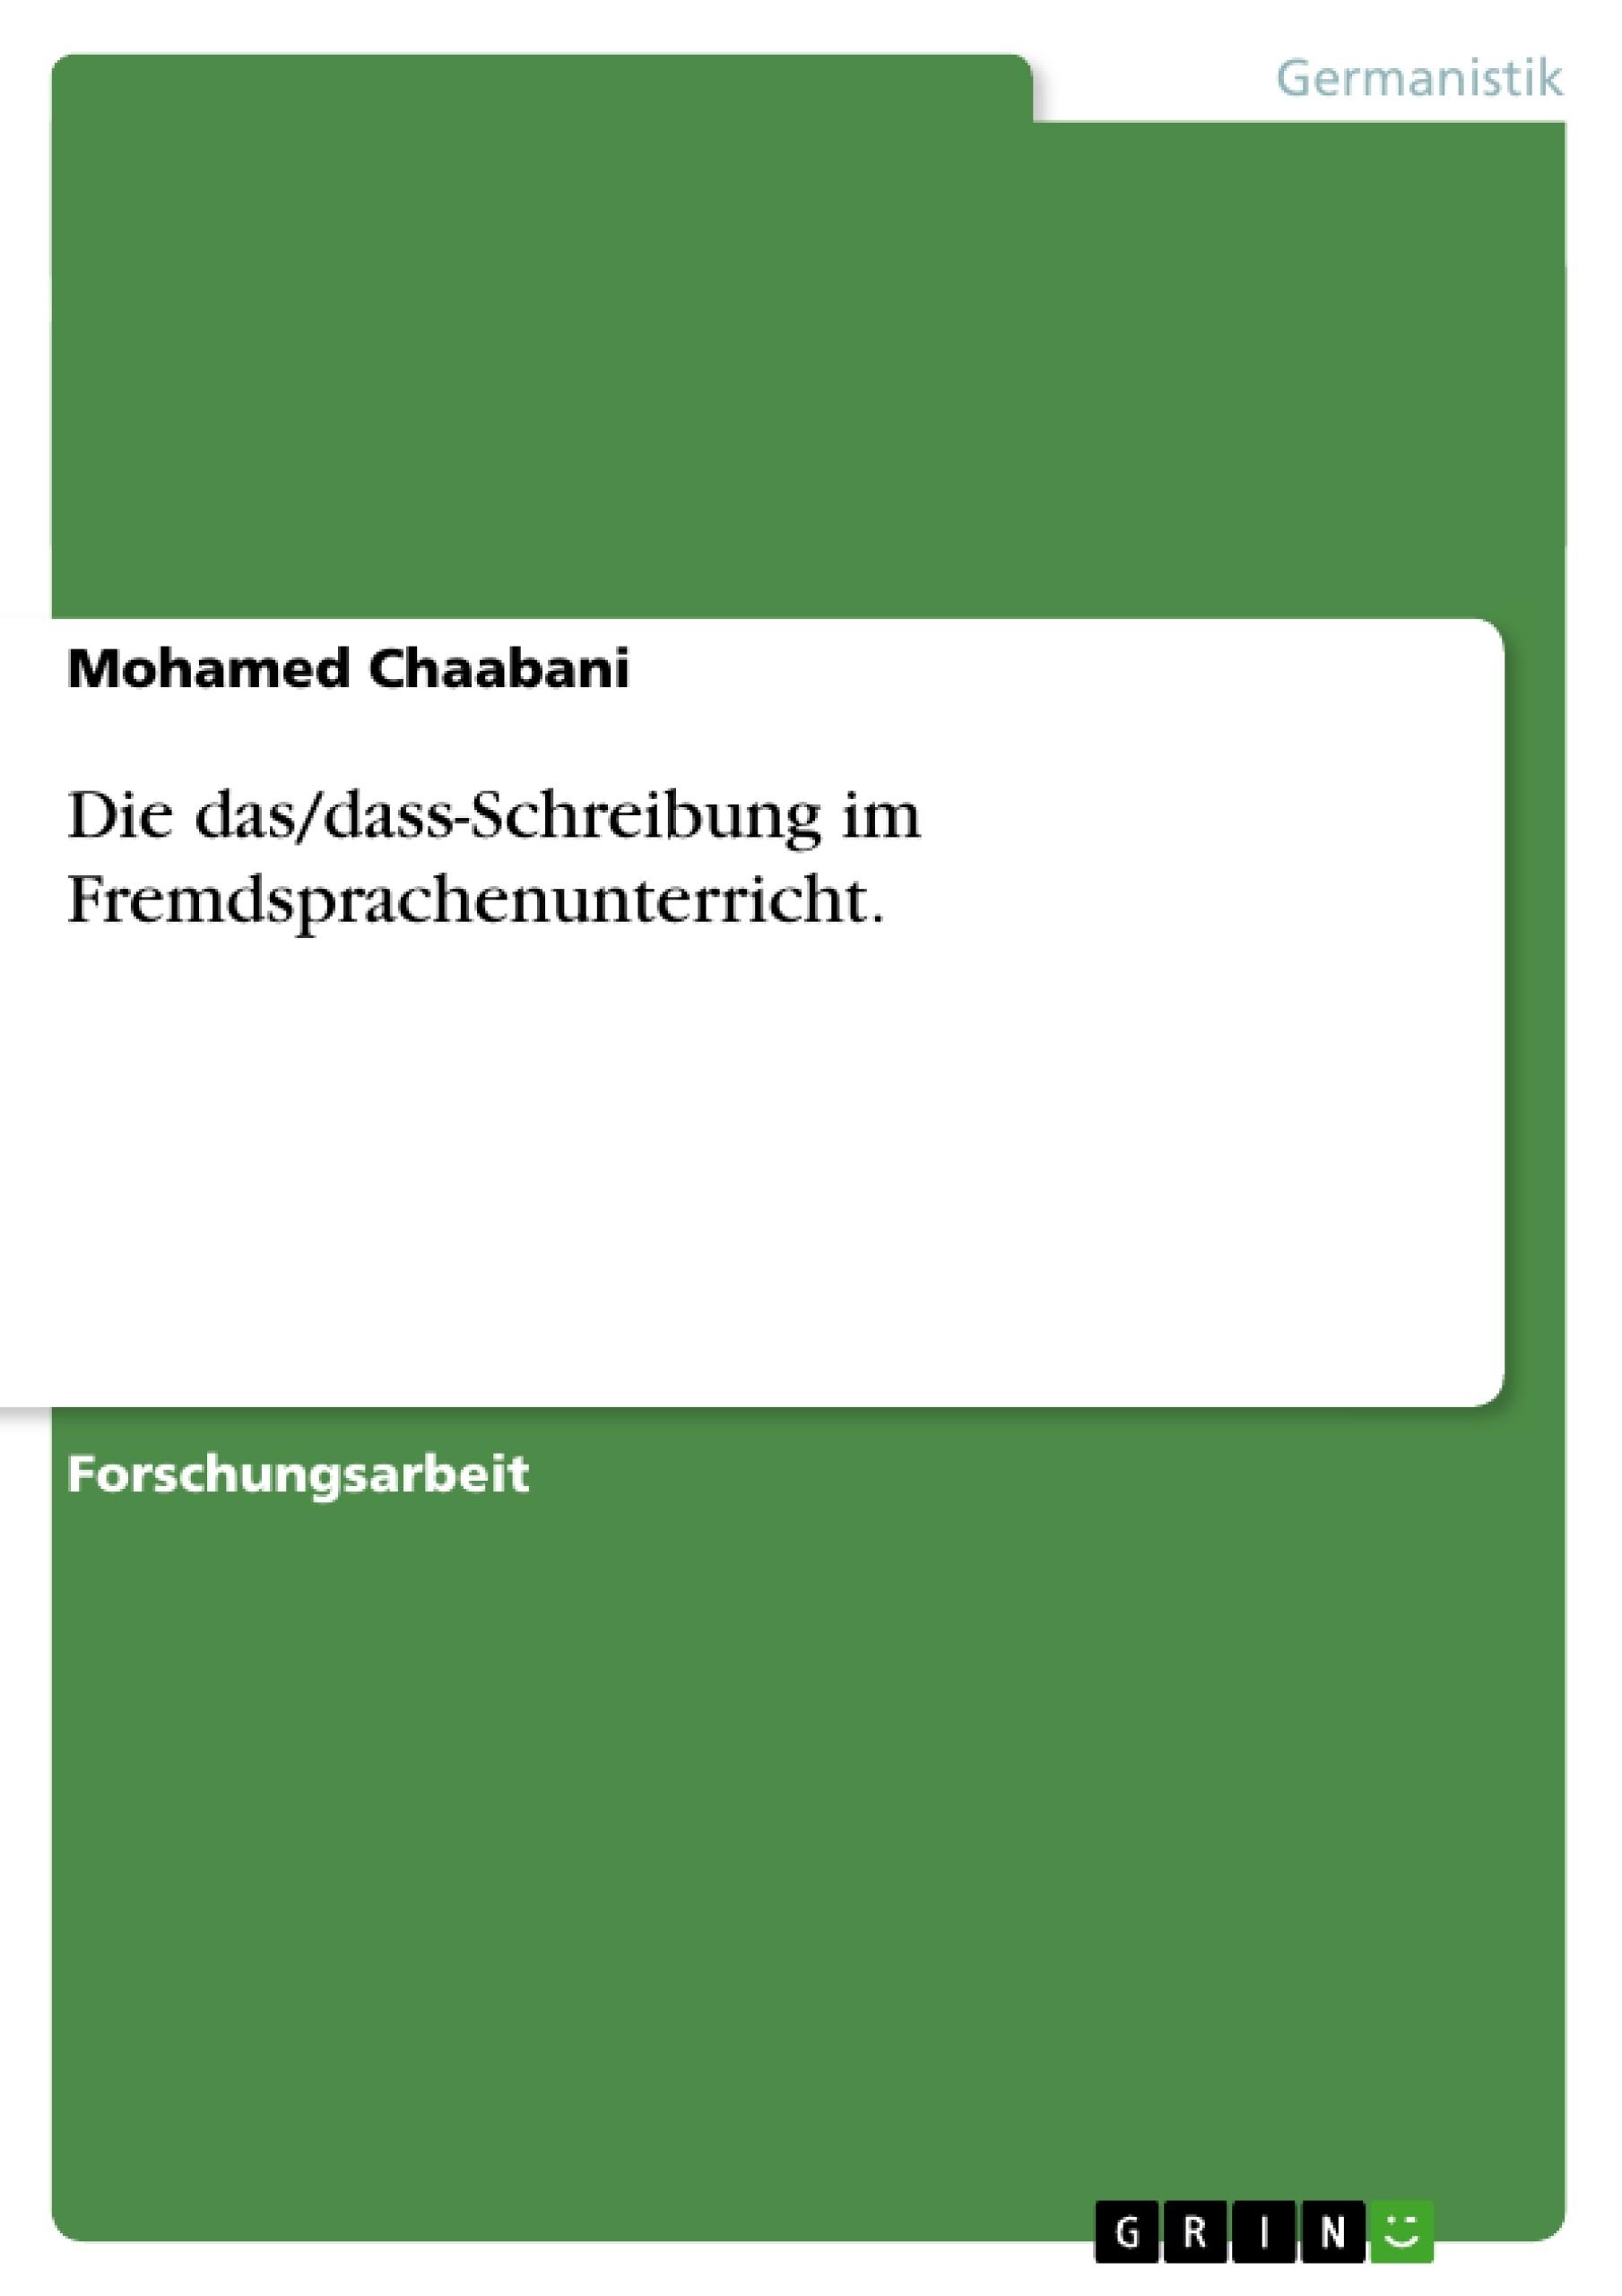 Titel: Die das/dass-Schreibung im Fremdsprachenunterricht.